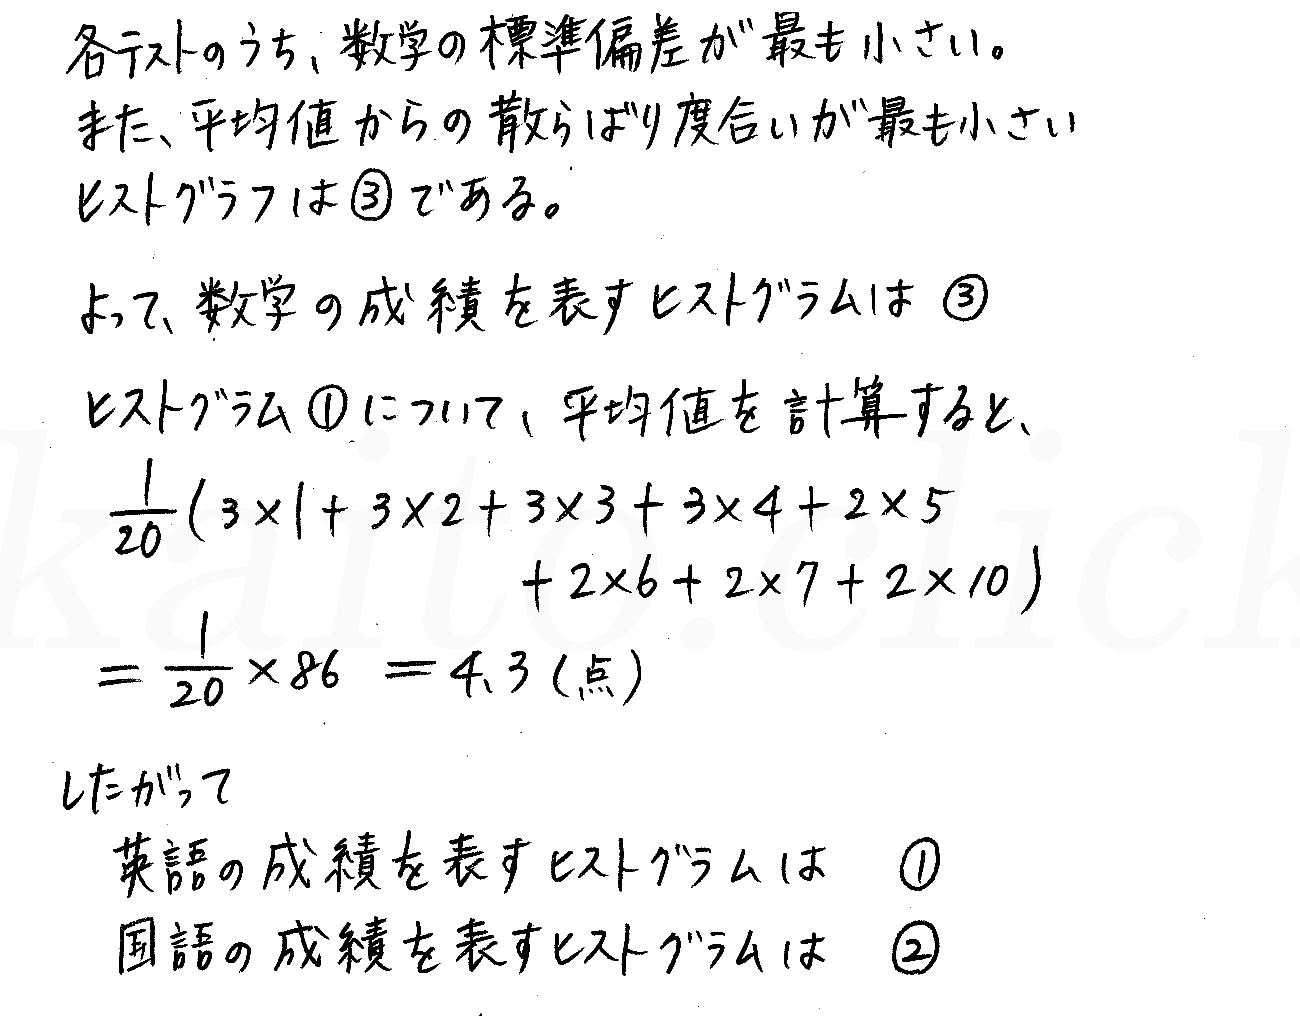 クリアー数学1-369解答